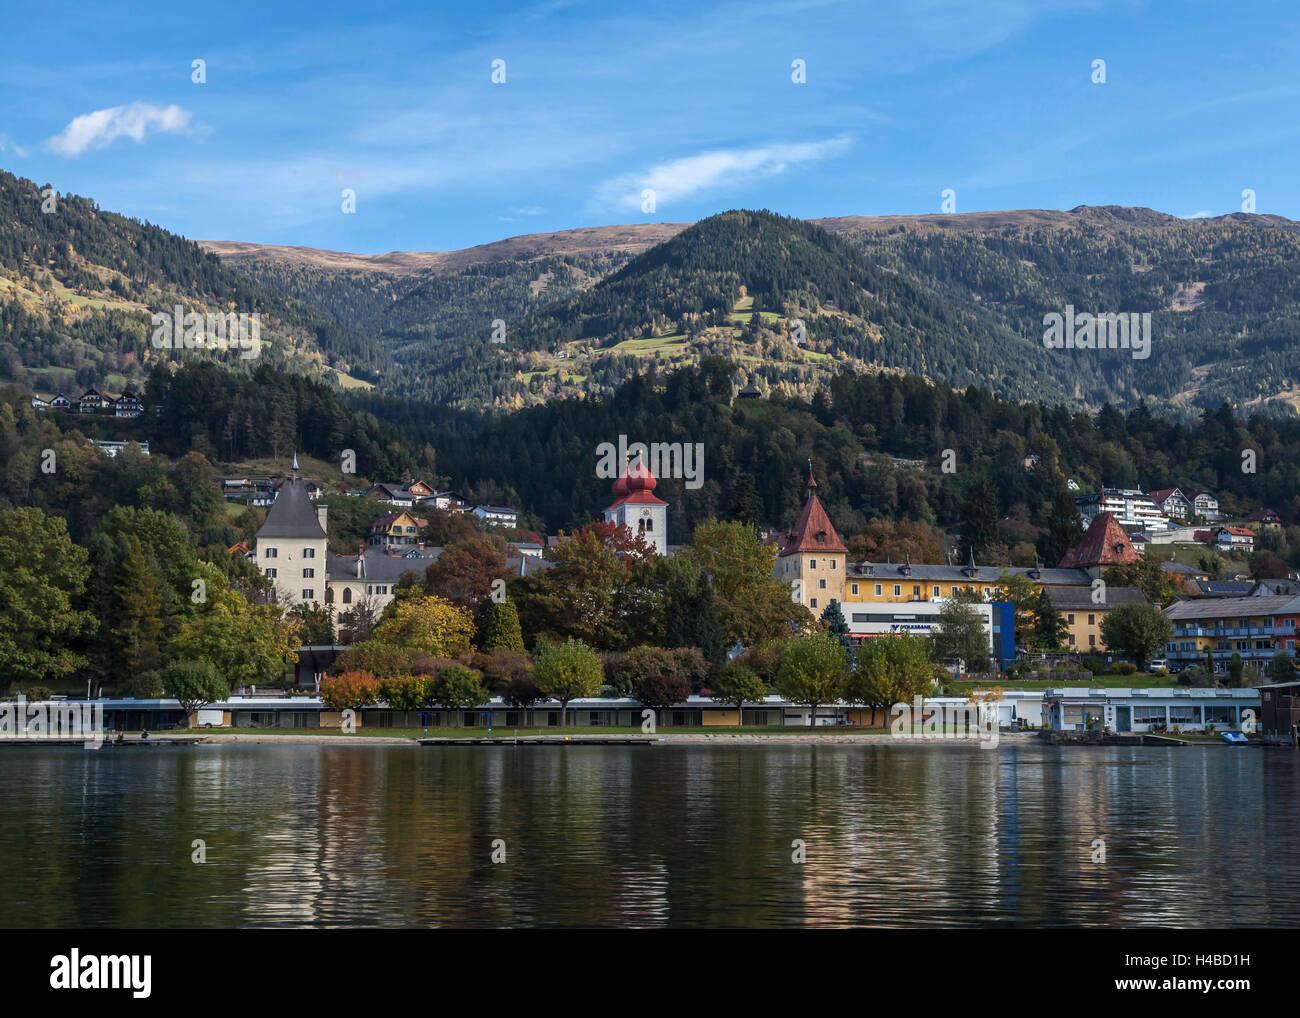 At Lake Millstatt, Austria - Stock Image